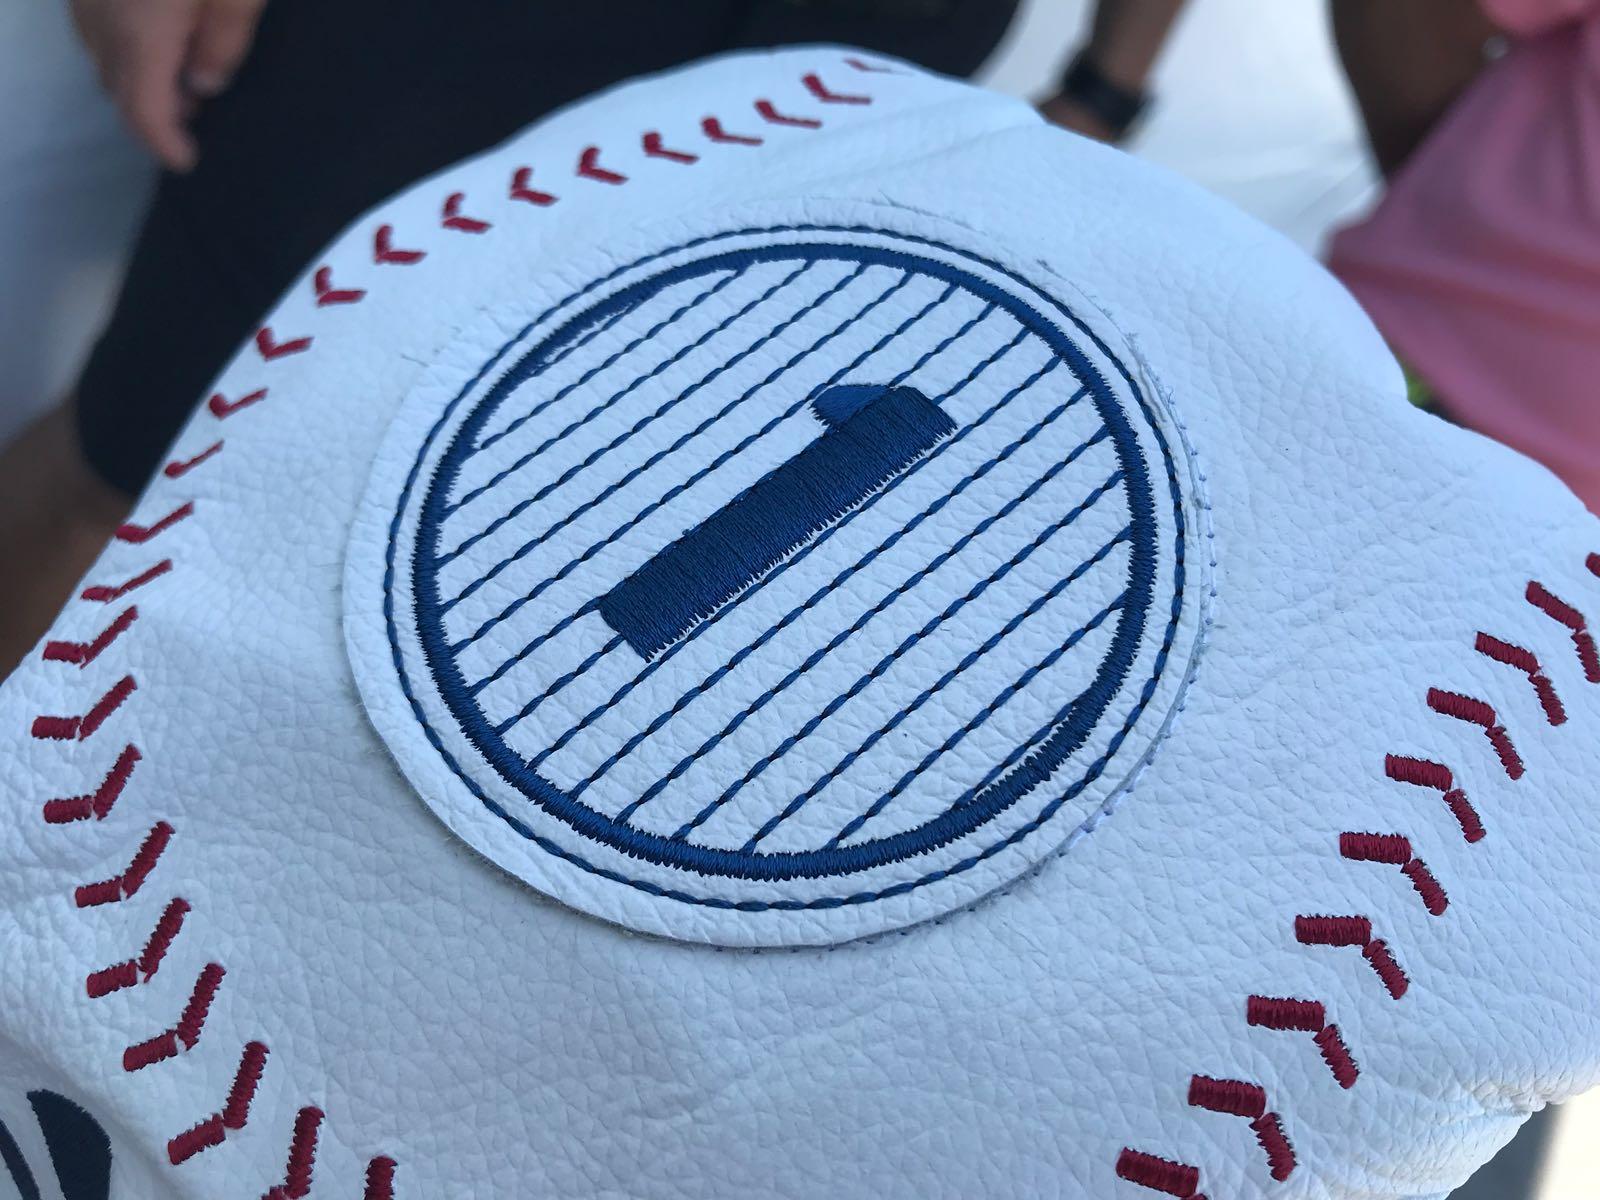 La funda del driver de Jon Rahm con los colores de los Yankees de béisbol. © Tengolf